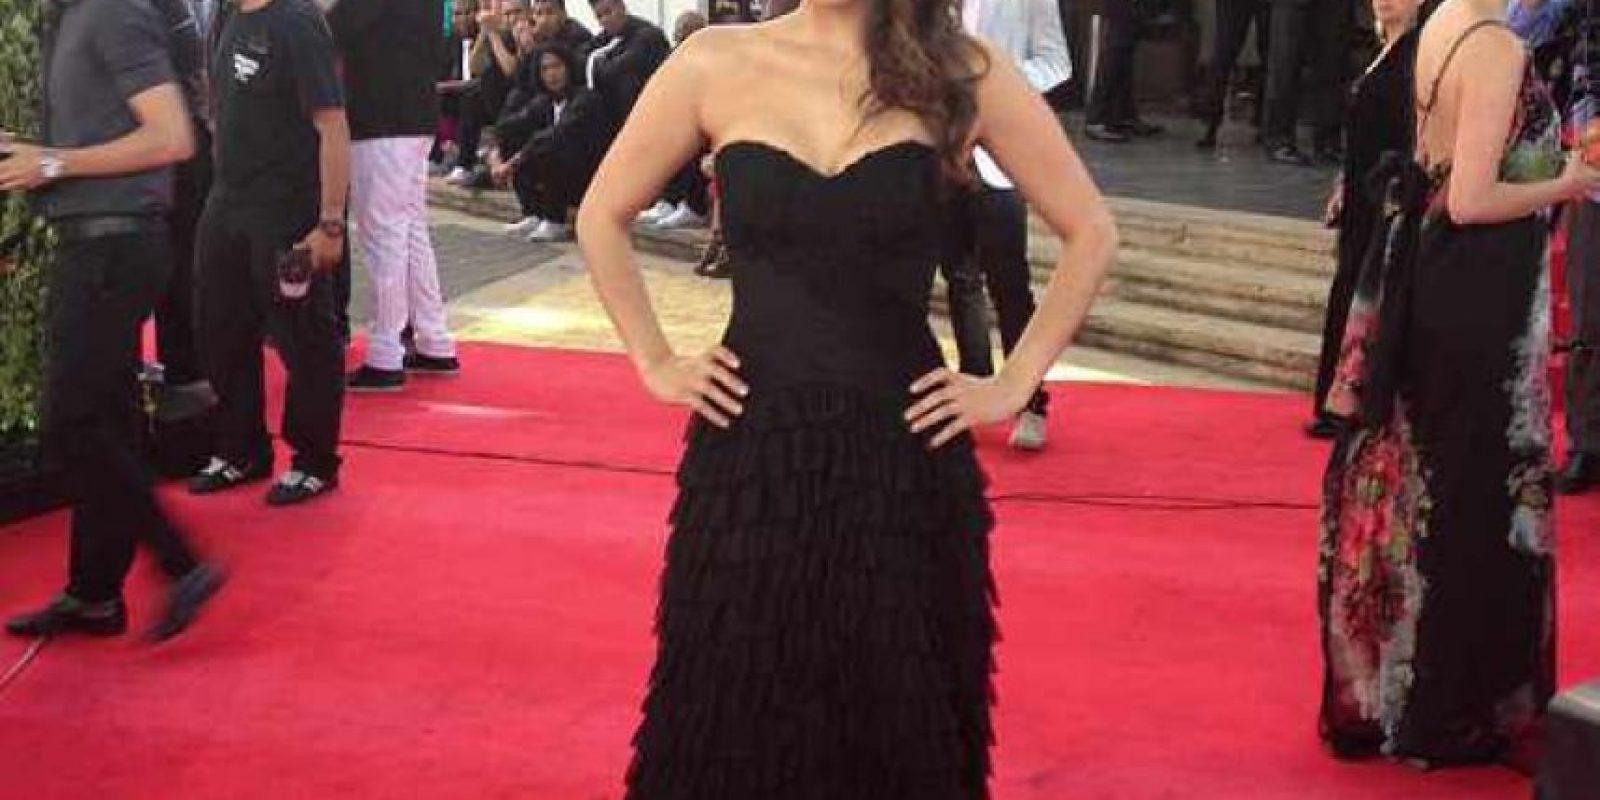 ¡Gran cambio el de Natalia Durán! Del estilo de finales de los 90 que usó en la alfombra roja del año pasado, ahora se decantó por el negro, y de una forma más elegante. Pudo haber innovado en el peinado, así este no fuese recogido. Foto:E! Online Latino/Instagram